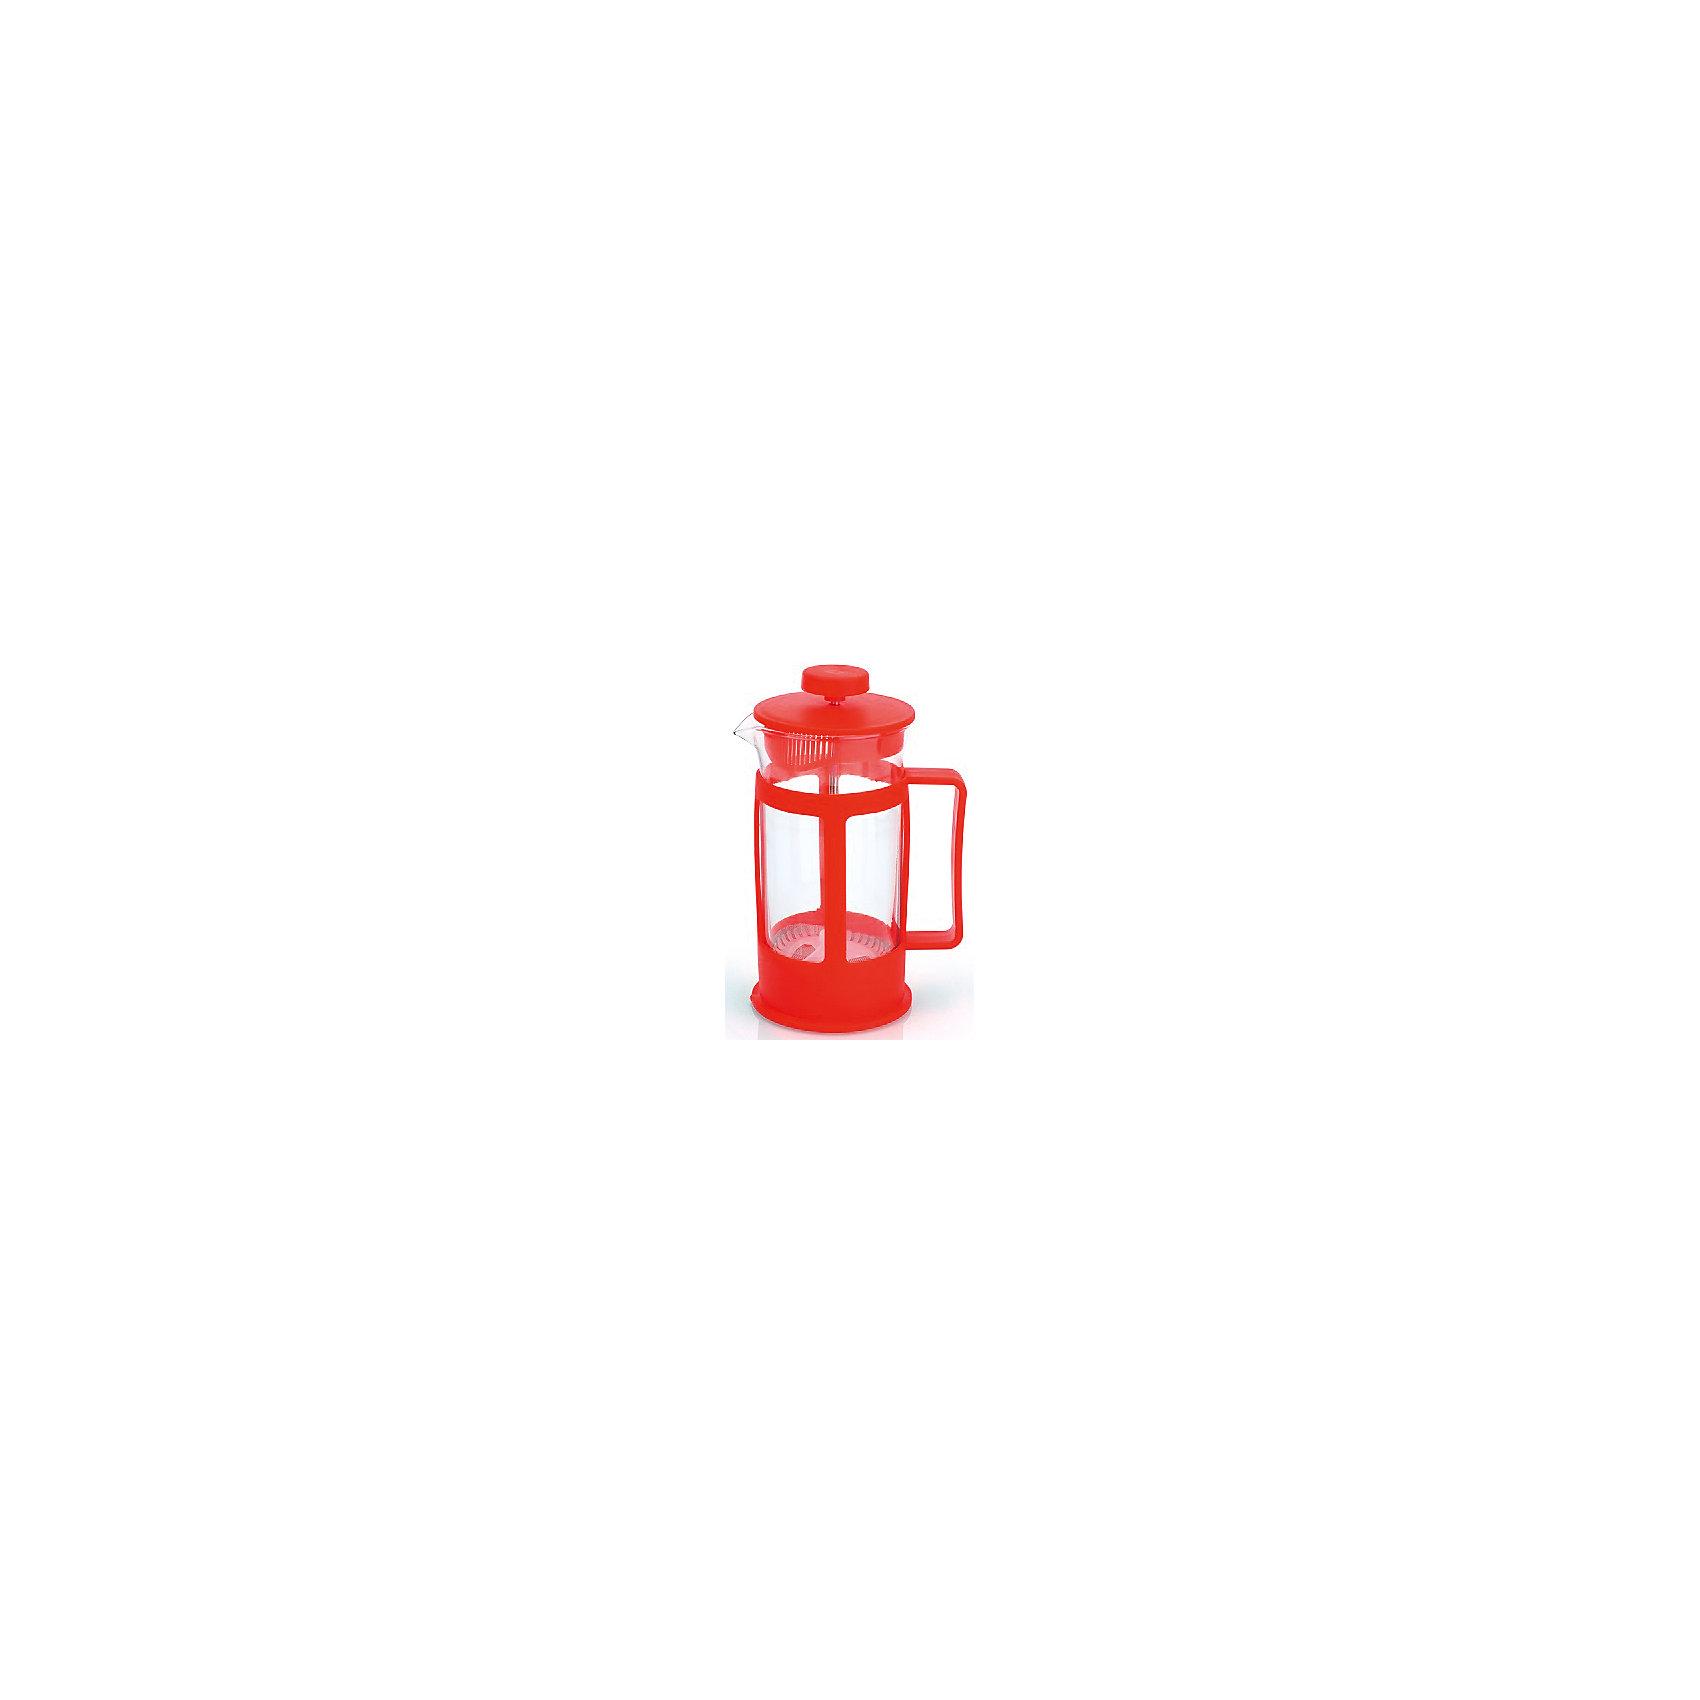 Кофейник стеклянный 350 мл, МФК-профит, красныйБытовая техника для кухни<br>Кофейник стеклянный 350 мл, МФК-профит, красный.<br><br>Характеристики:<br><br>• Объем: 350 мл.<br>• Цвет: красный<br>• Материал: стекло, пластик<br>• Размер упаковки: 10х8х16,5 см.<br>• Вес: 256 гр.<br><br>Кофейник для приготовления кофе, чая и настоев изготовлен из экологически чистых и безопасных материалов: корпус из высококачественного нетоксичного пластика, колба из термостойкого стекла (термостойкость до 100 ?С). Кофейник имеет удобную ручку. Не рекомендуется использовать в микроволновой печи.<br><br>Кофейник стеклянный 350 мл, МФК-профит, красный можно купить в нашем интернет-магазине.<br><br>Ширина мм: 100<br>Глубина мм: 80<br>Высота мм: 165<br>Вес г: 256<br>Возраст от месяцев: 36<br>Возраст до месяцев: 1188<br>Пол: Унисекс<br>Возраст: Детский<br>SKU: 5601142